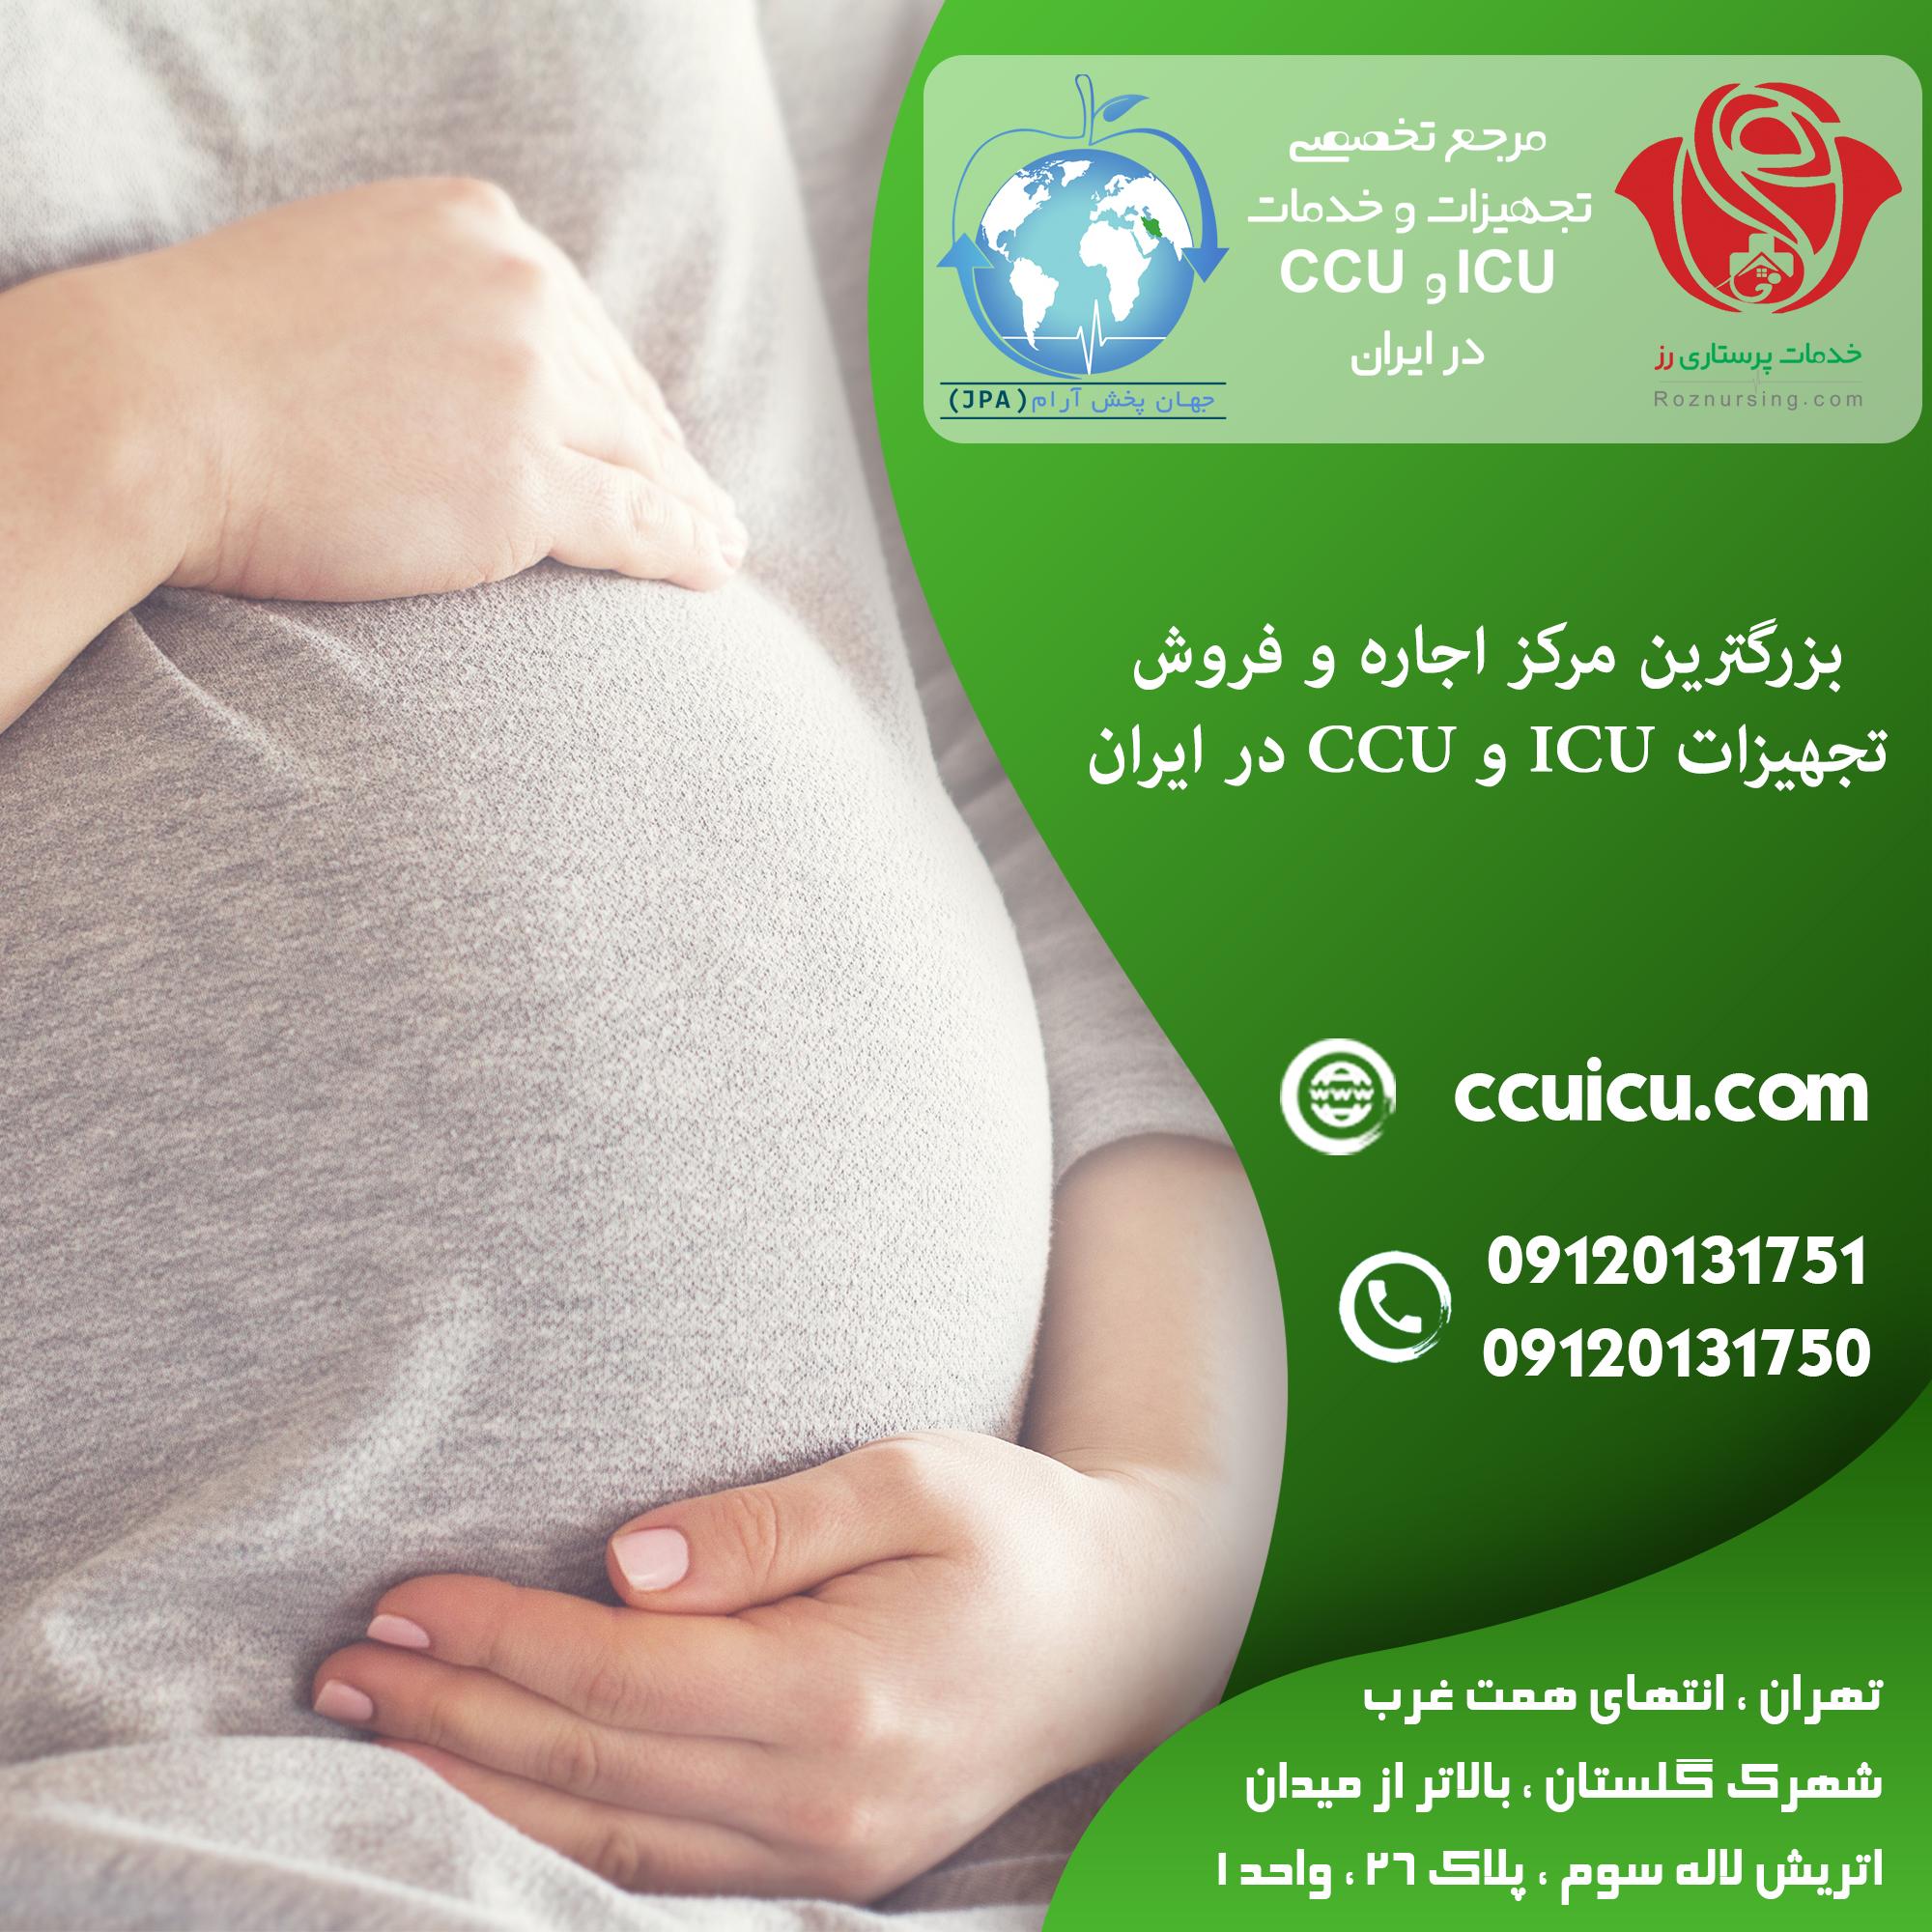 چکاپ بارداری